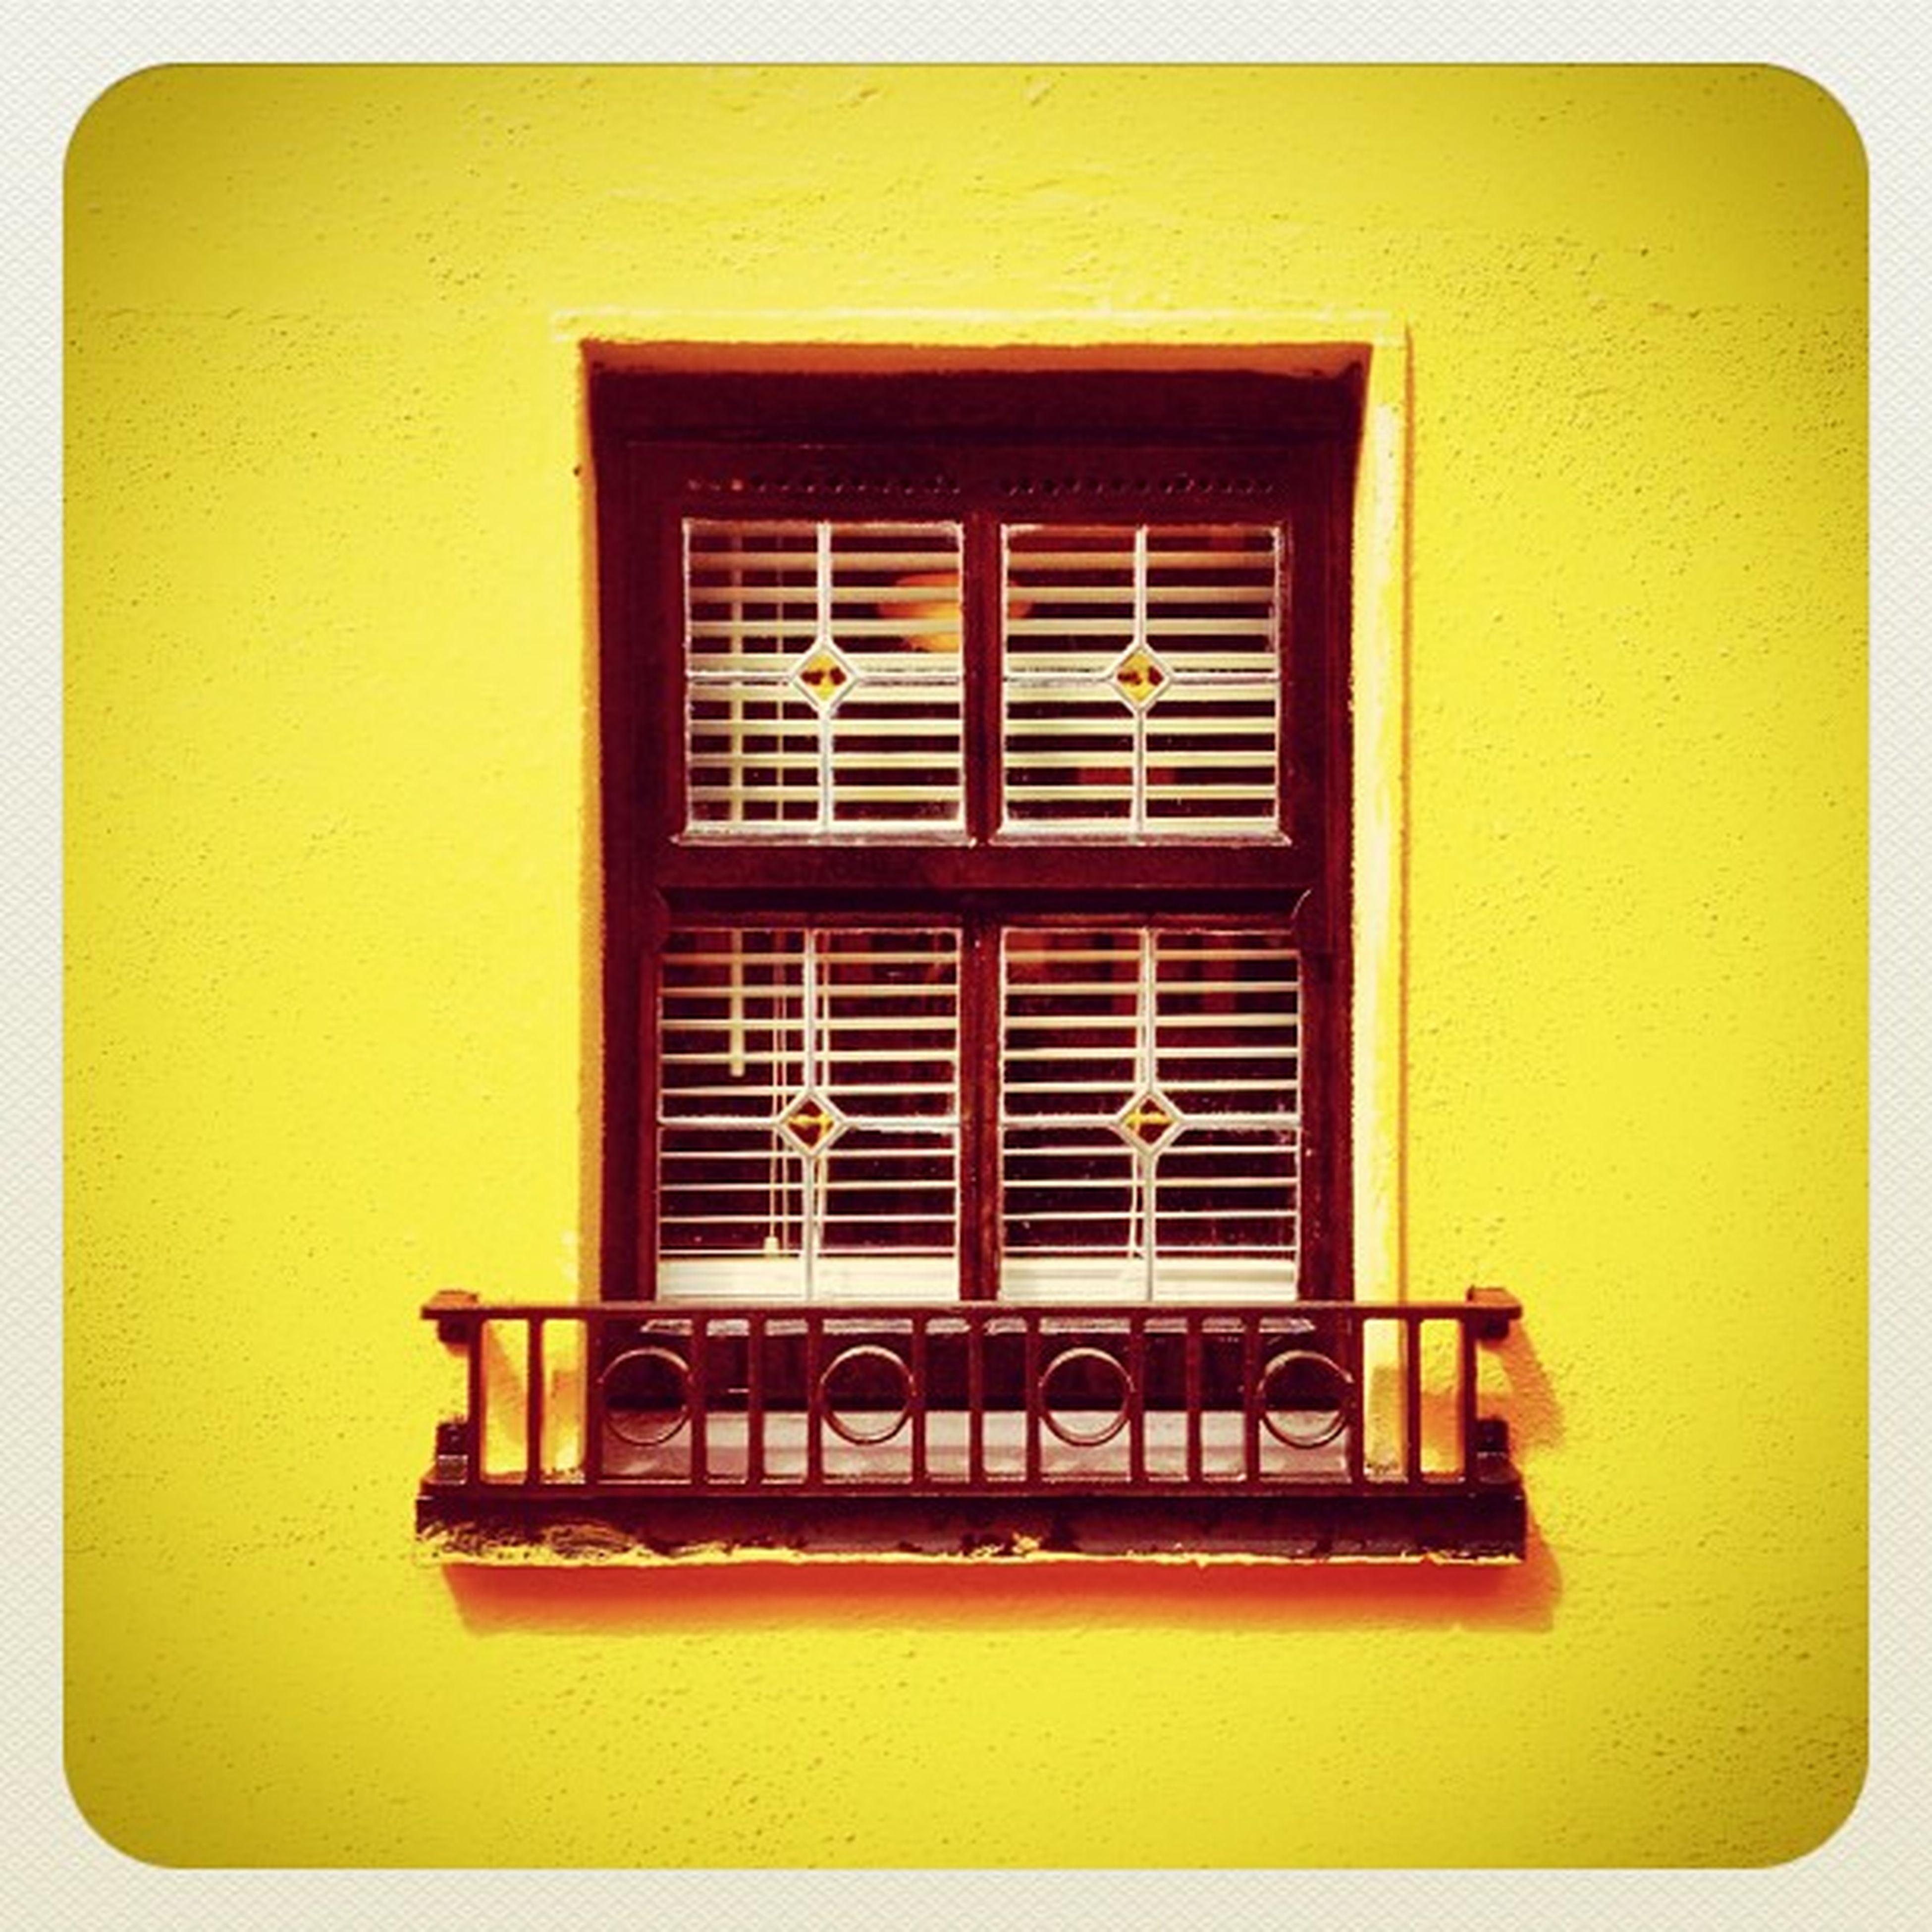 Window #earlybirdlove #ebstyles_gf #gf_ire #swords #ireland #window Window Ireland Swords Earlybirdlove Ebstyles_gf Gf_ire